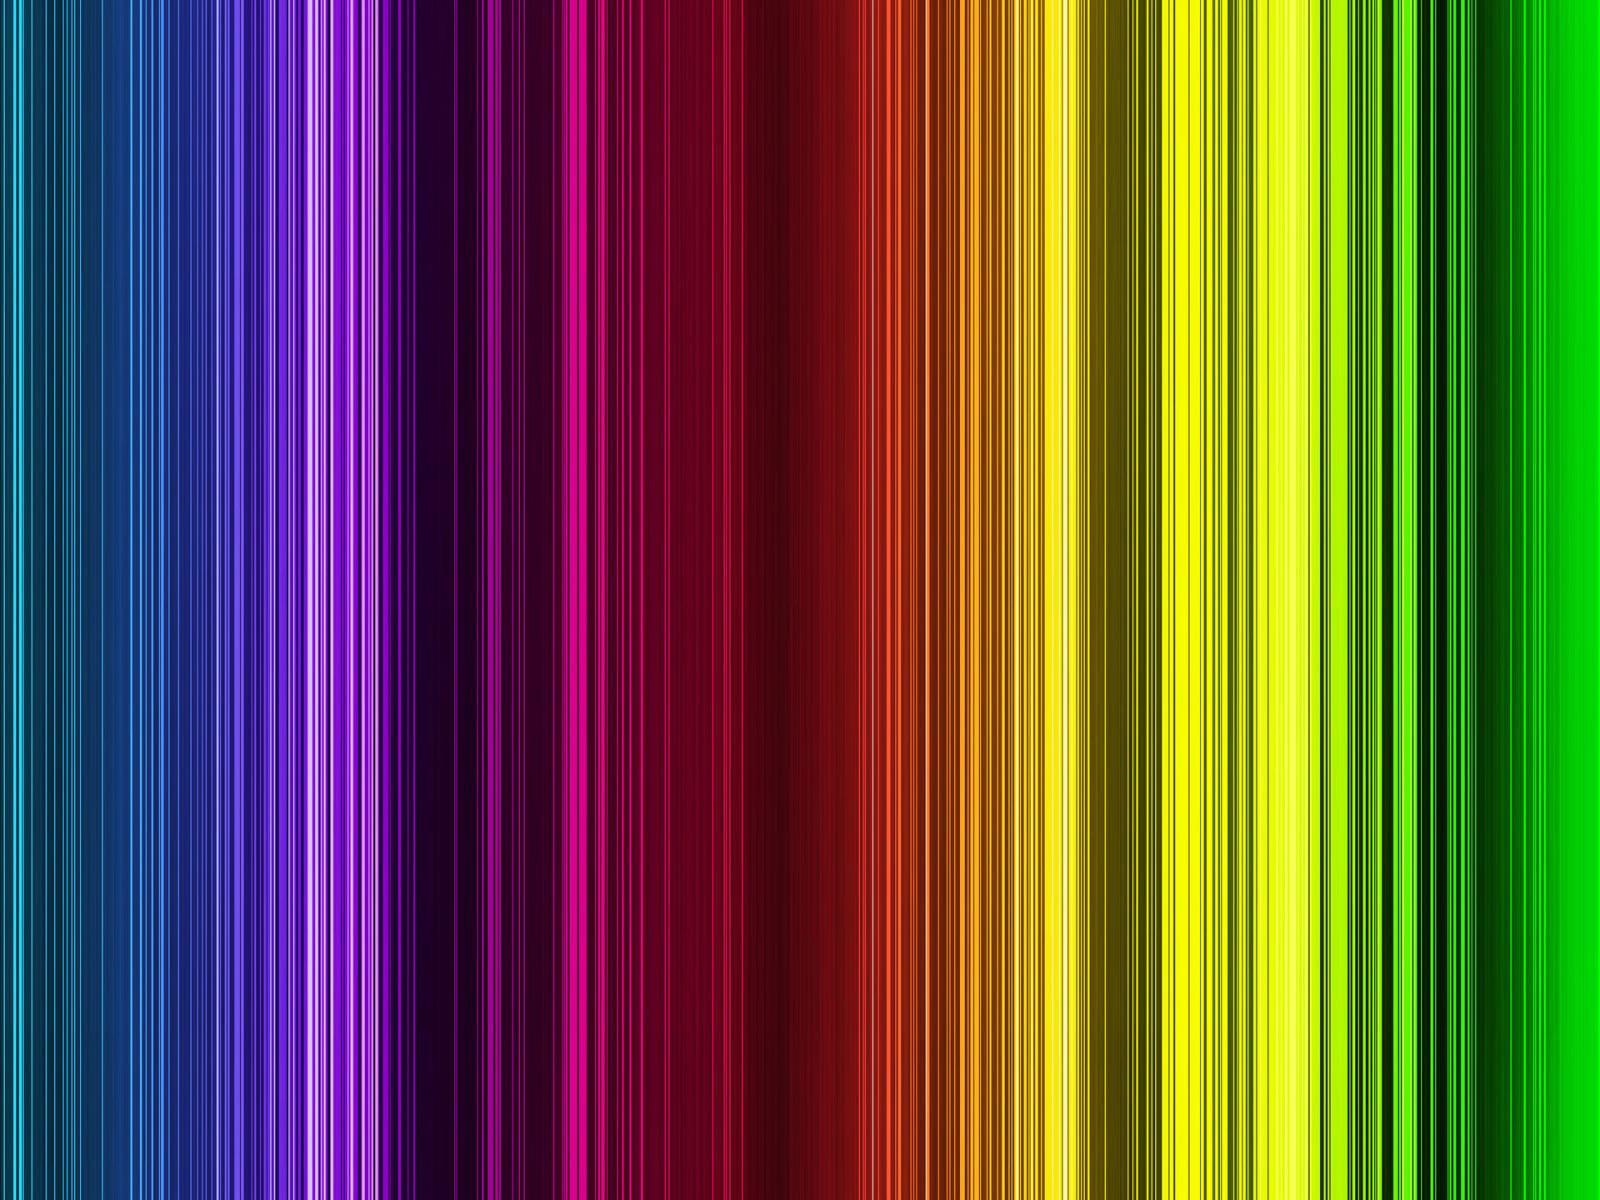 Dieciocho ruedas volvo apuesta al uso de colores - Colores llamativos ...